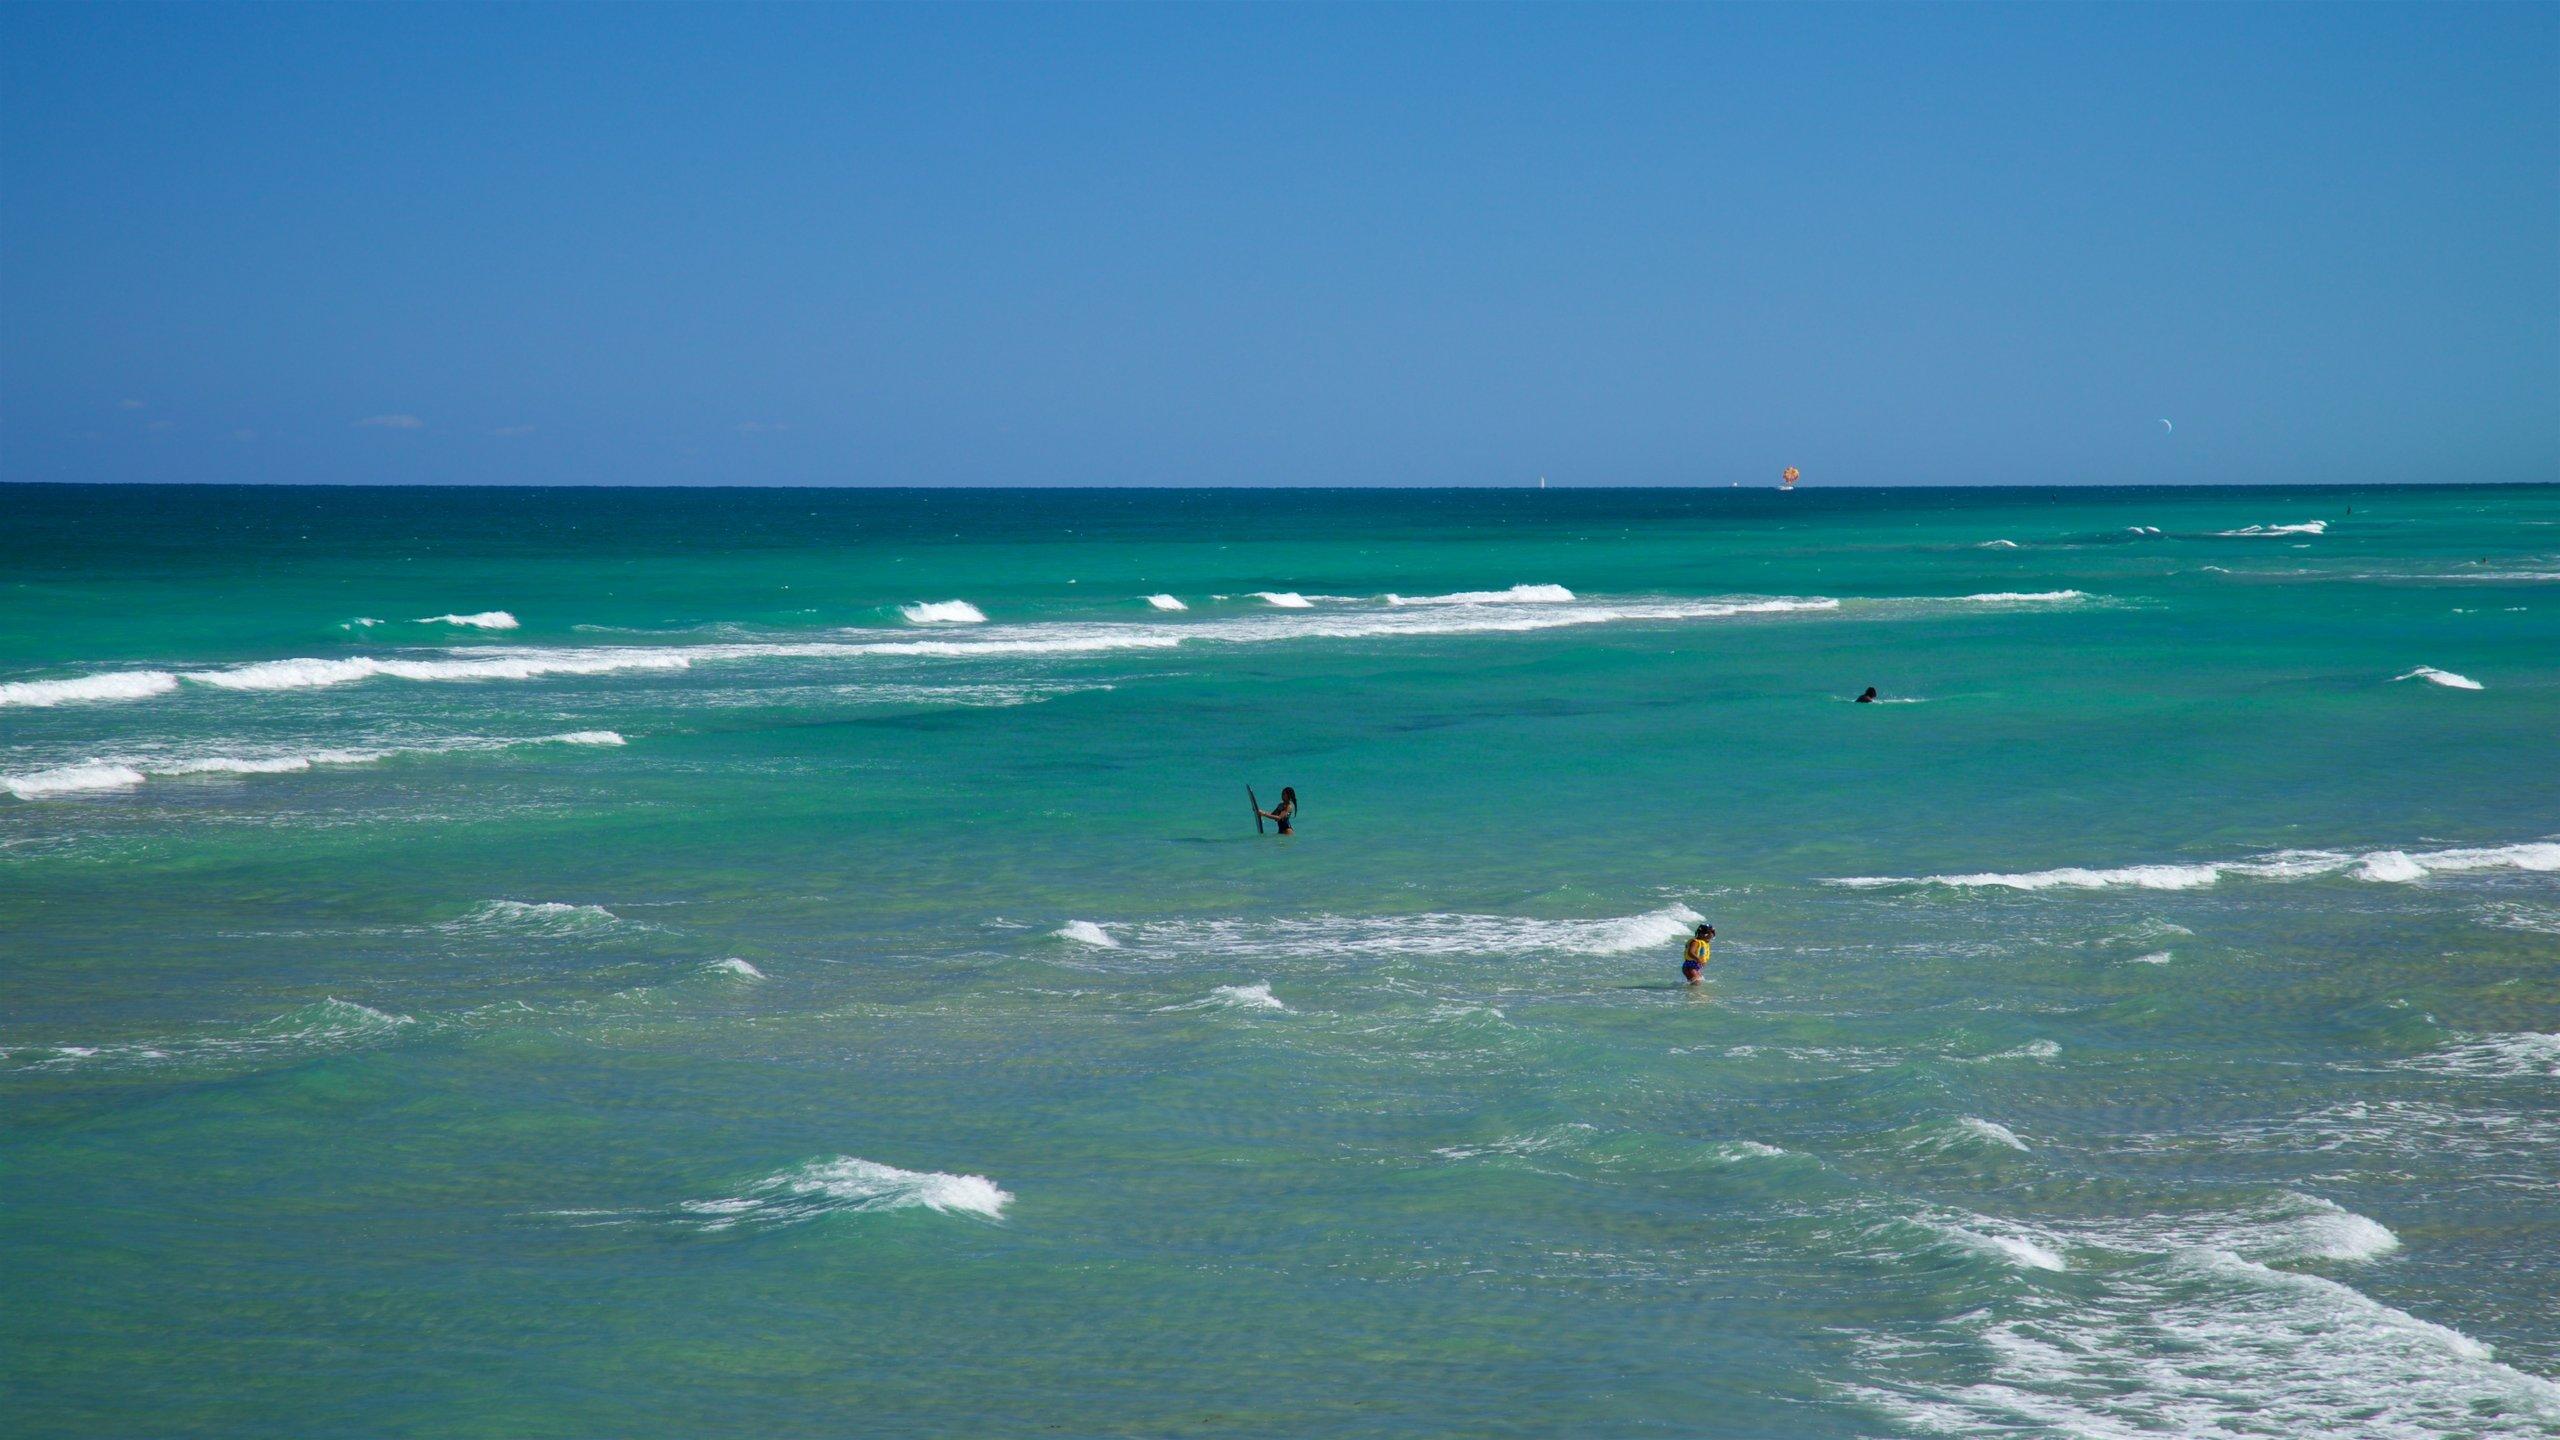 casino dania beach fl